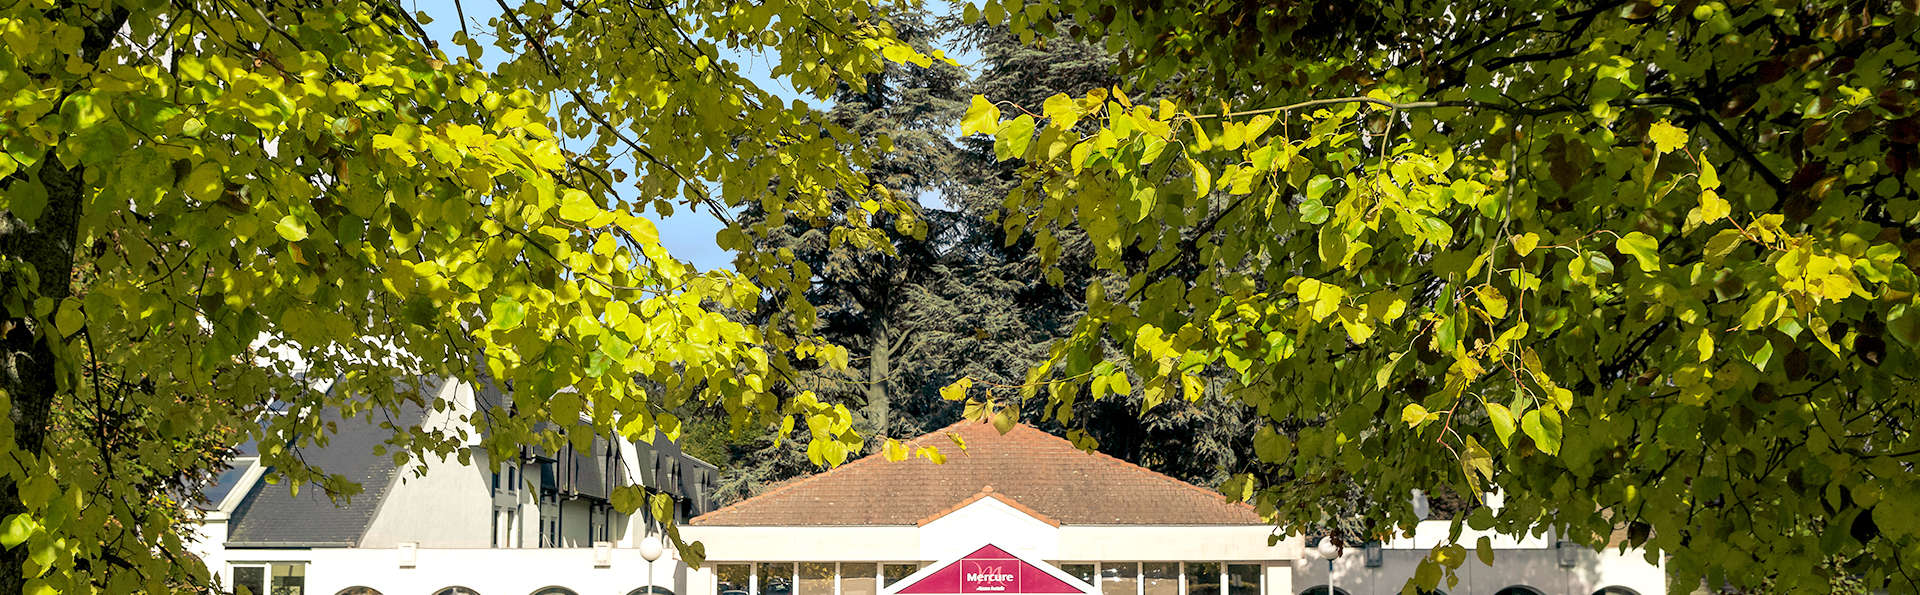 Mercure Paris Sud Parc du Coudray - Edit_Front2.jpg